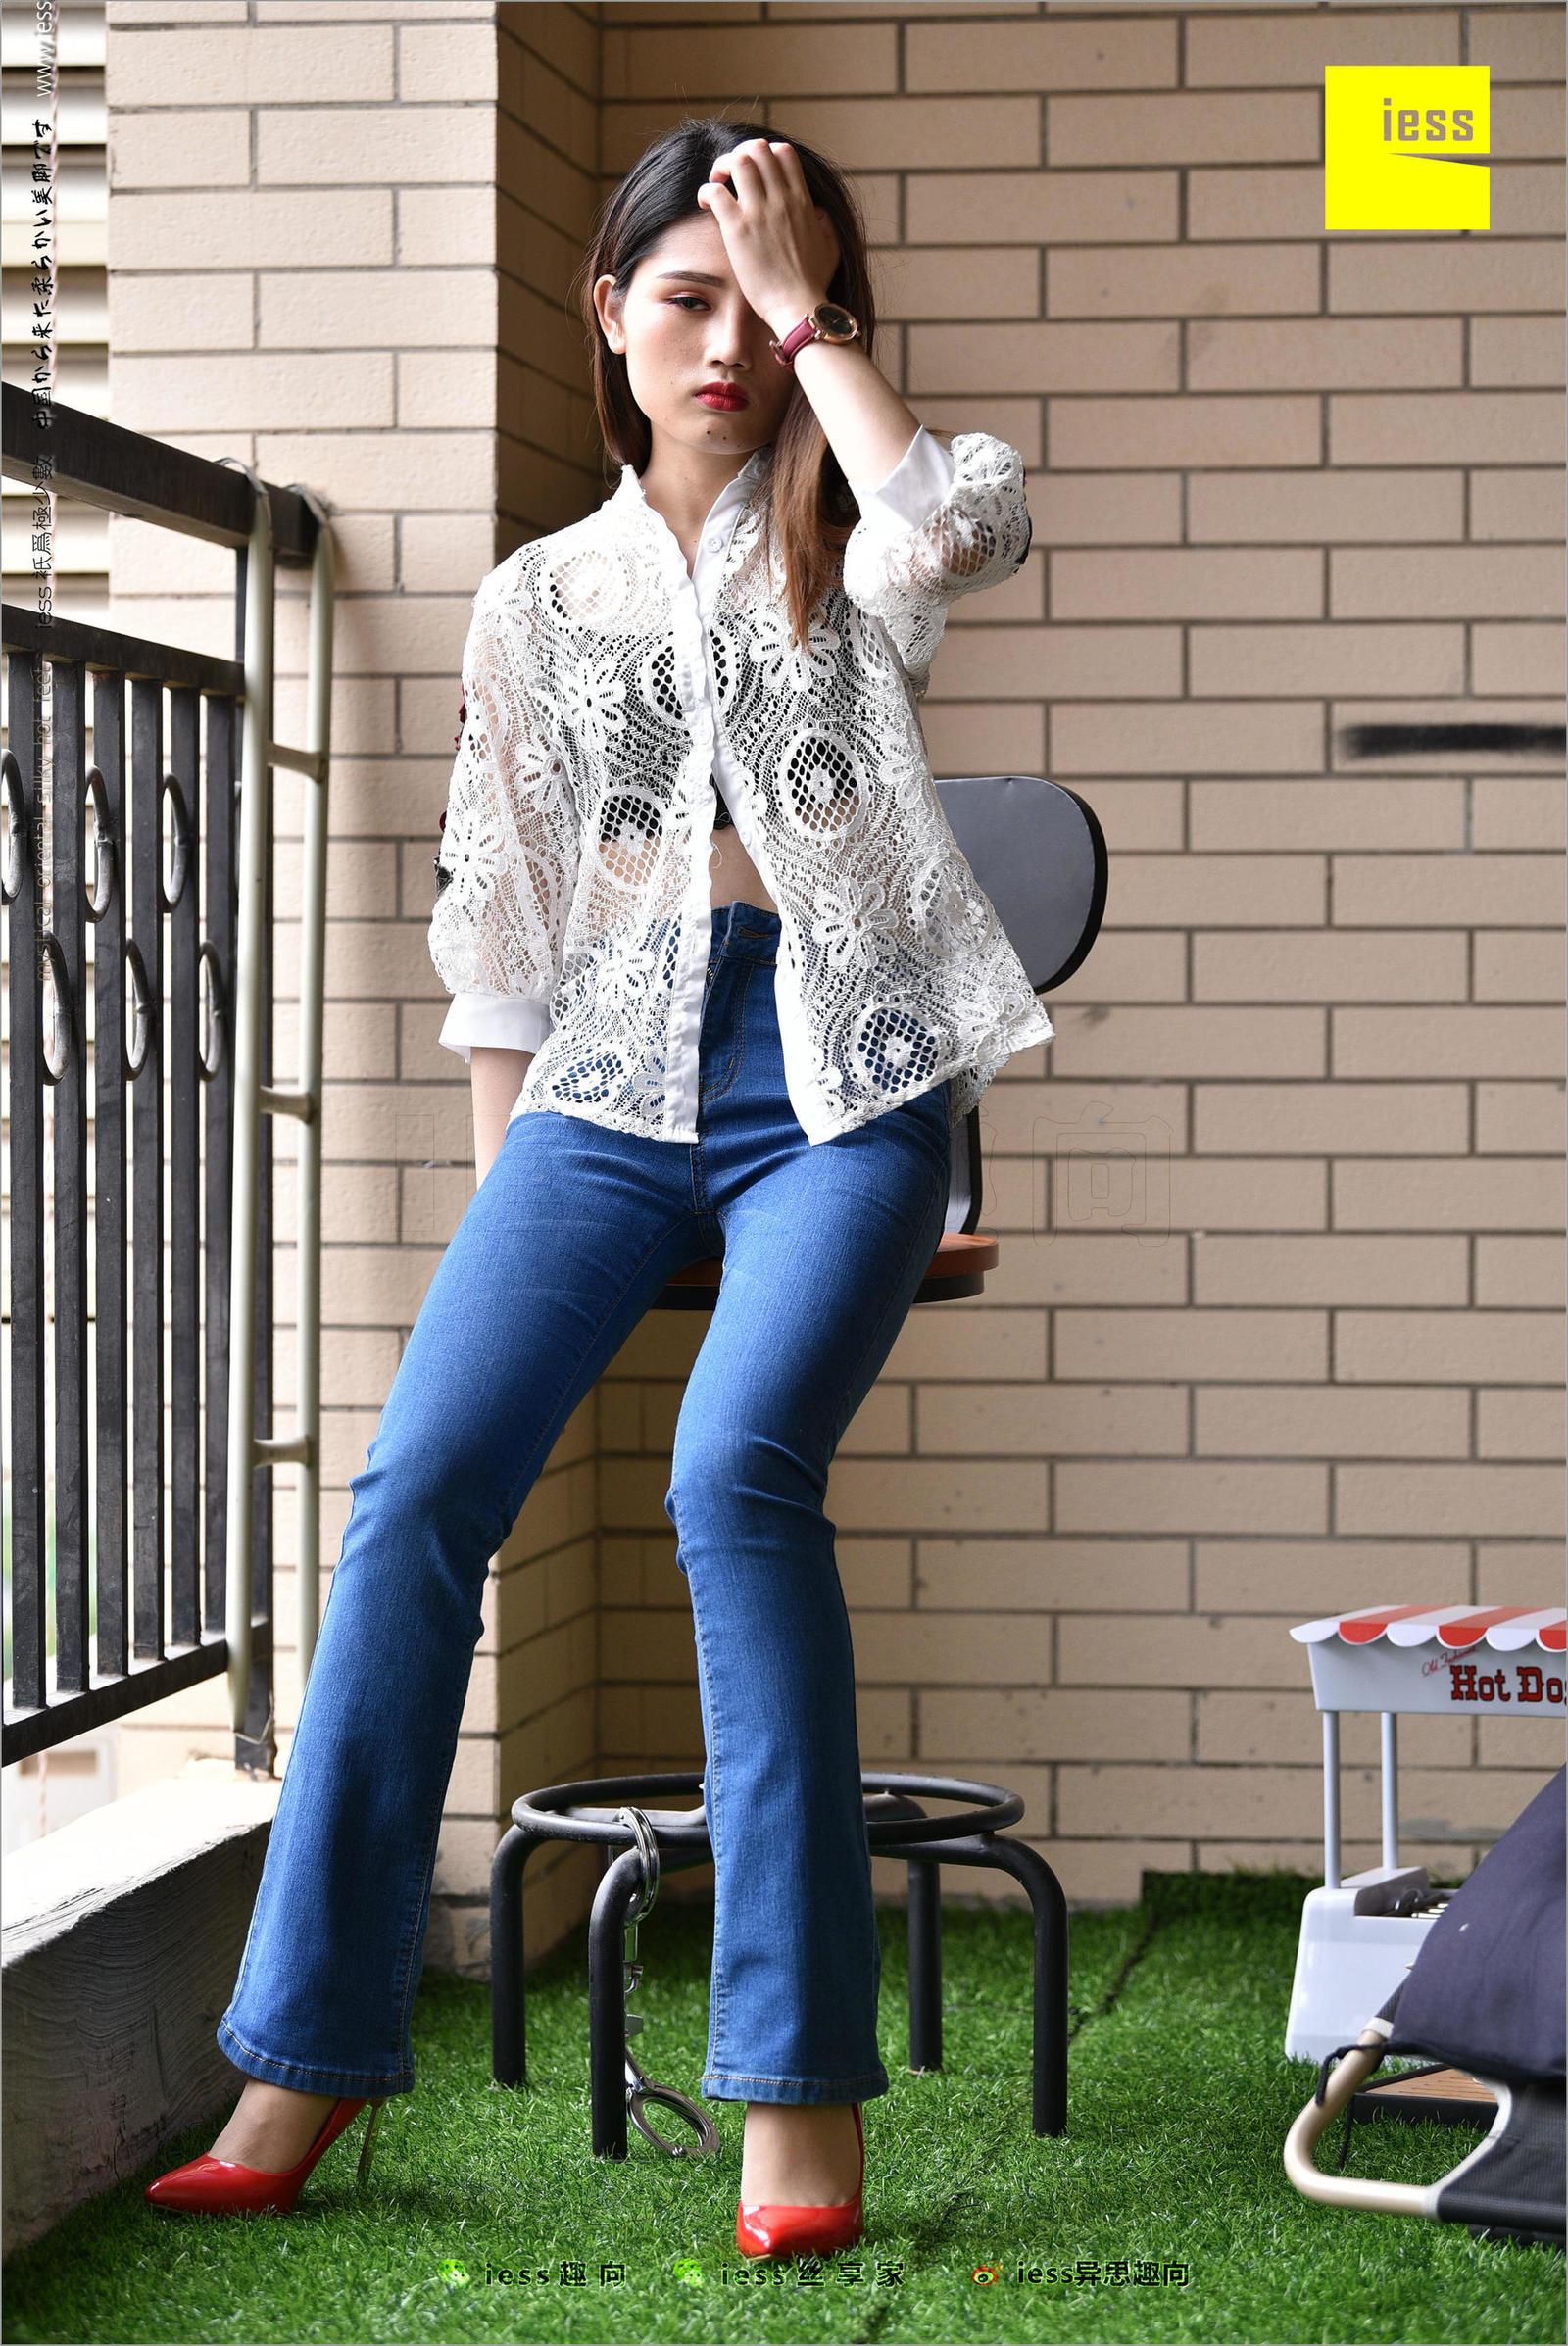 广炎 《牛仔裤、新模特和红色高跟鞋》写真套图